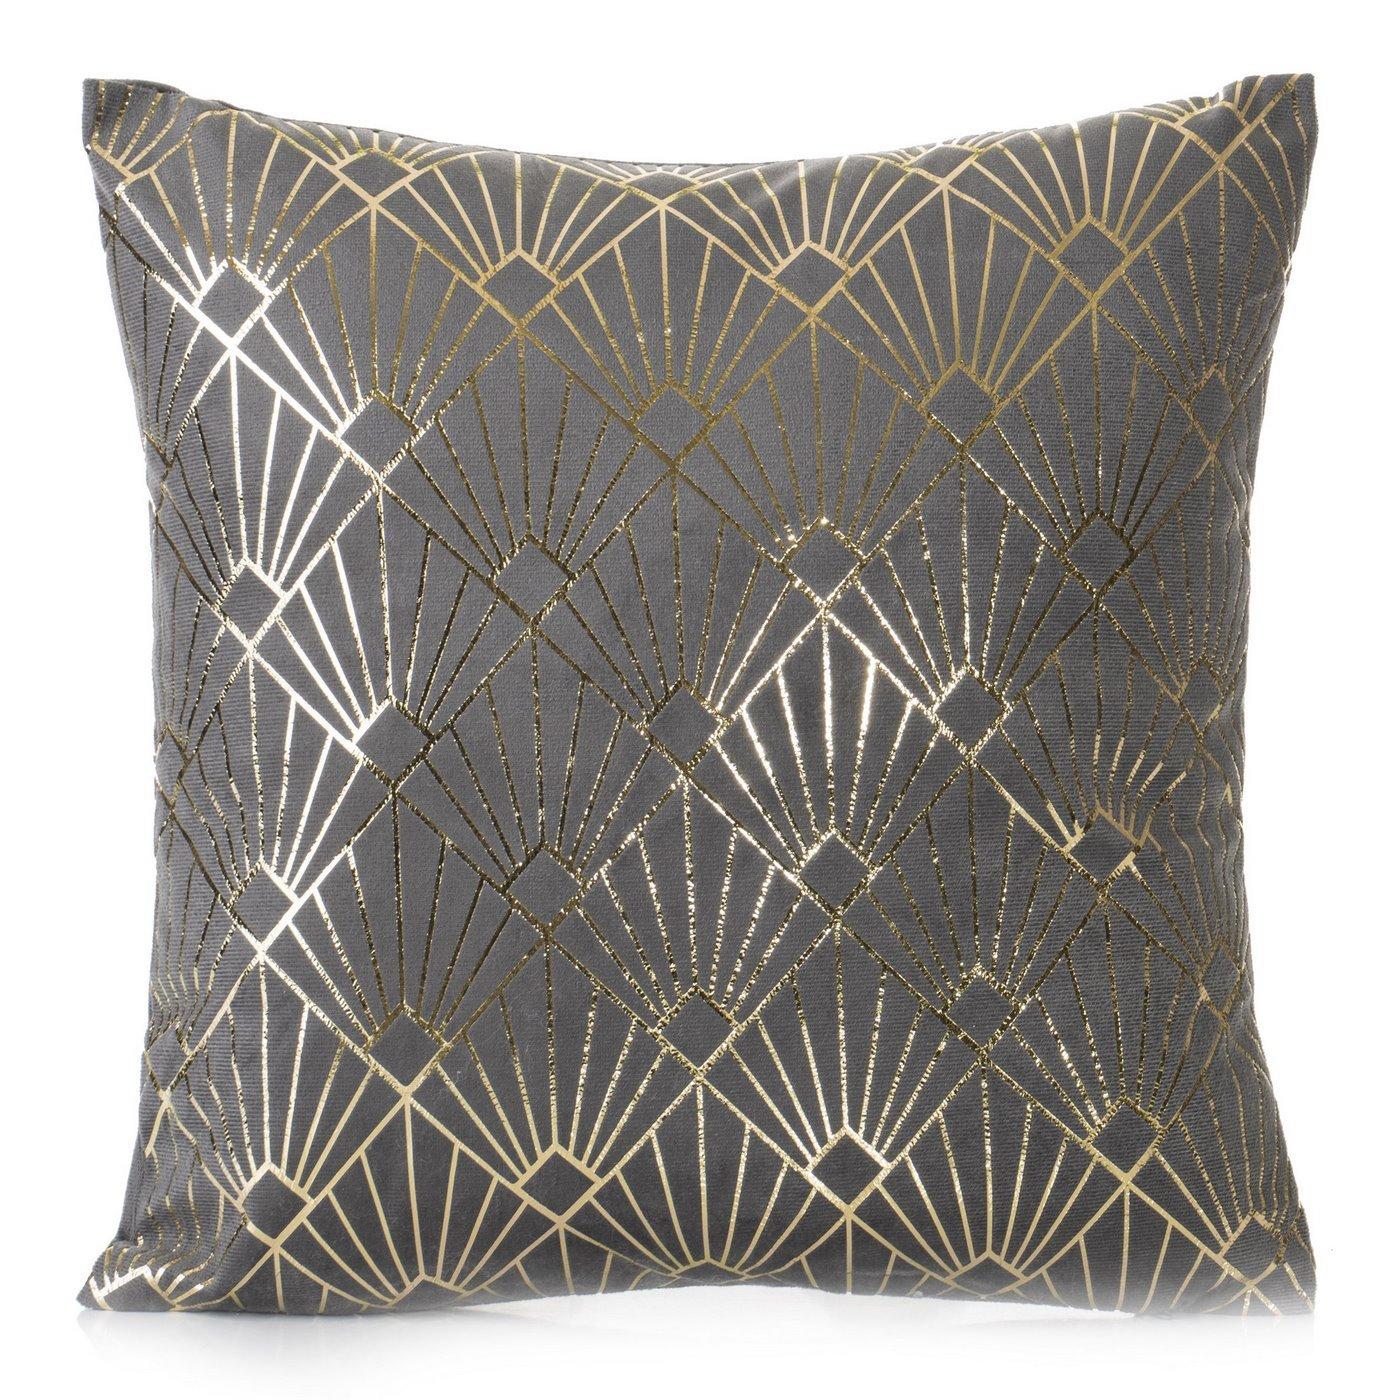 Poszewka na poduszkę z stalowa ze wzorem ze złotej nici 40 x 40 cm